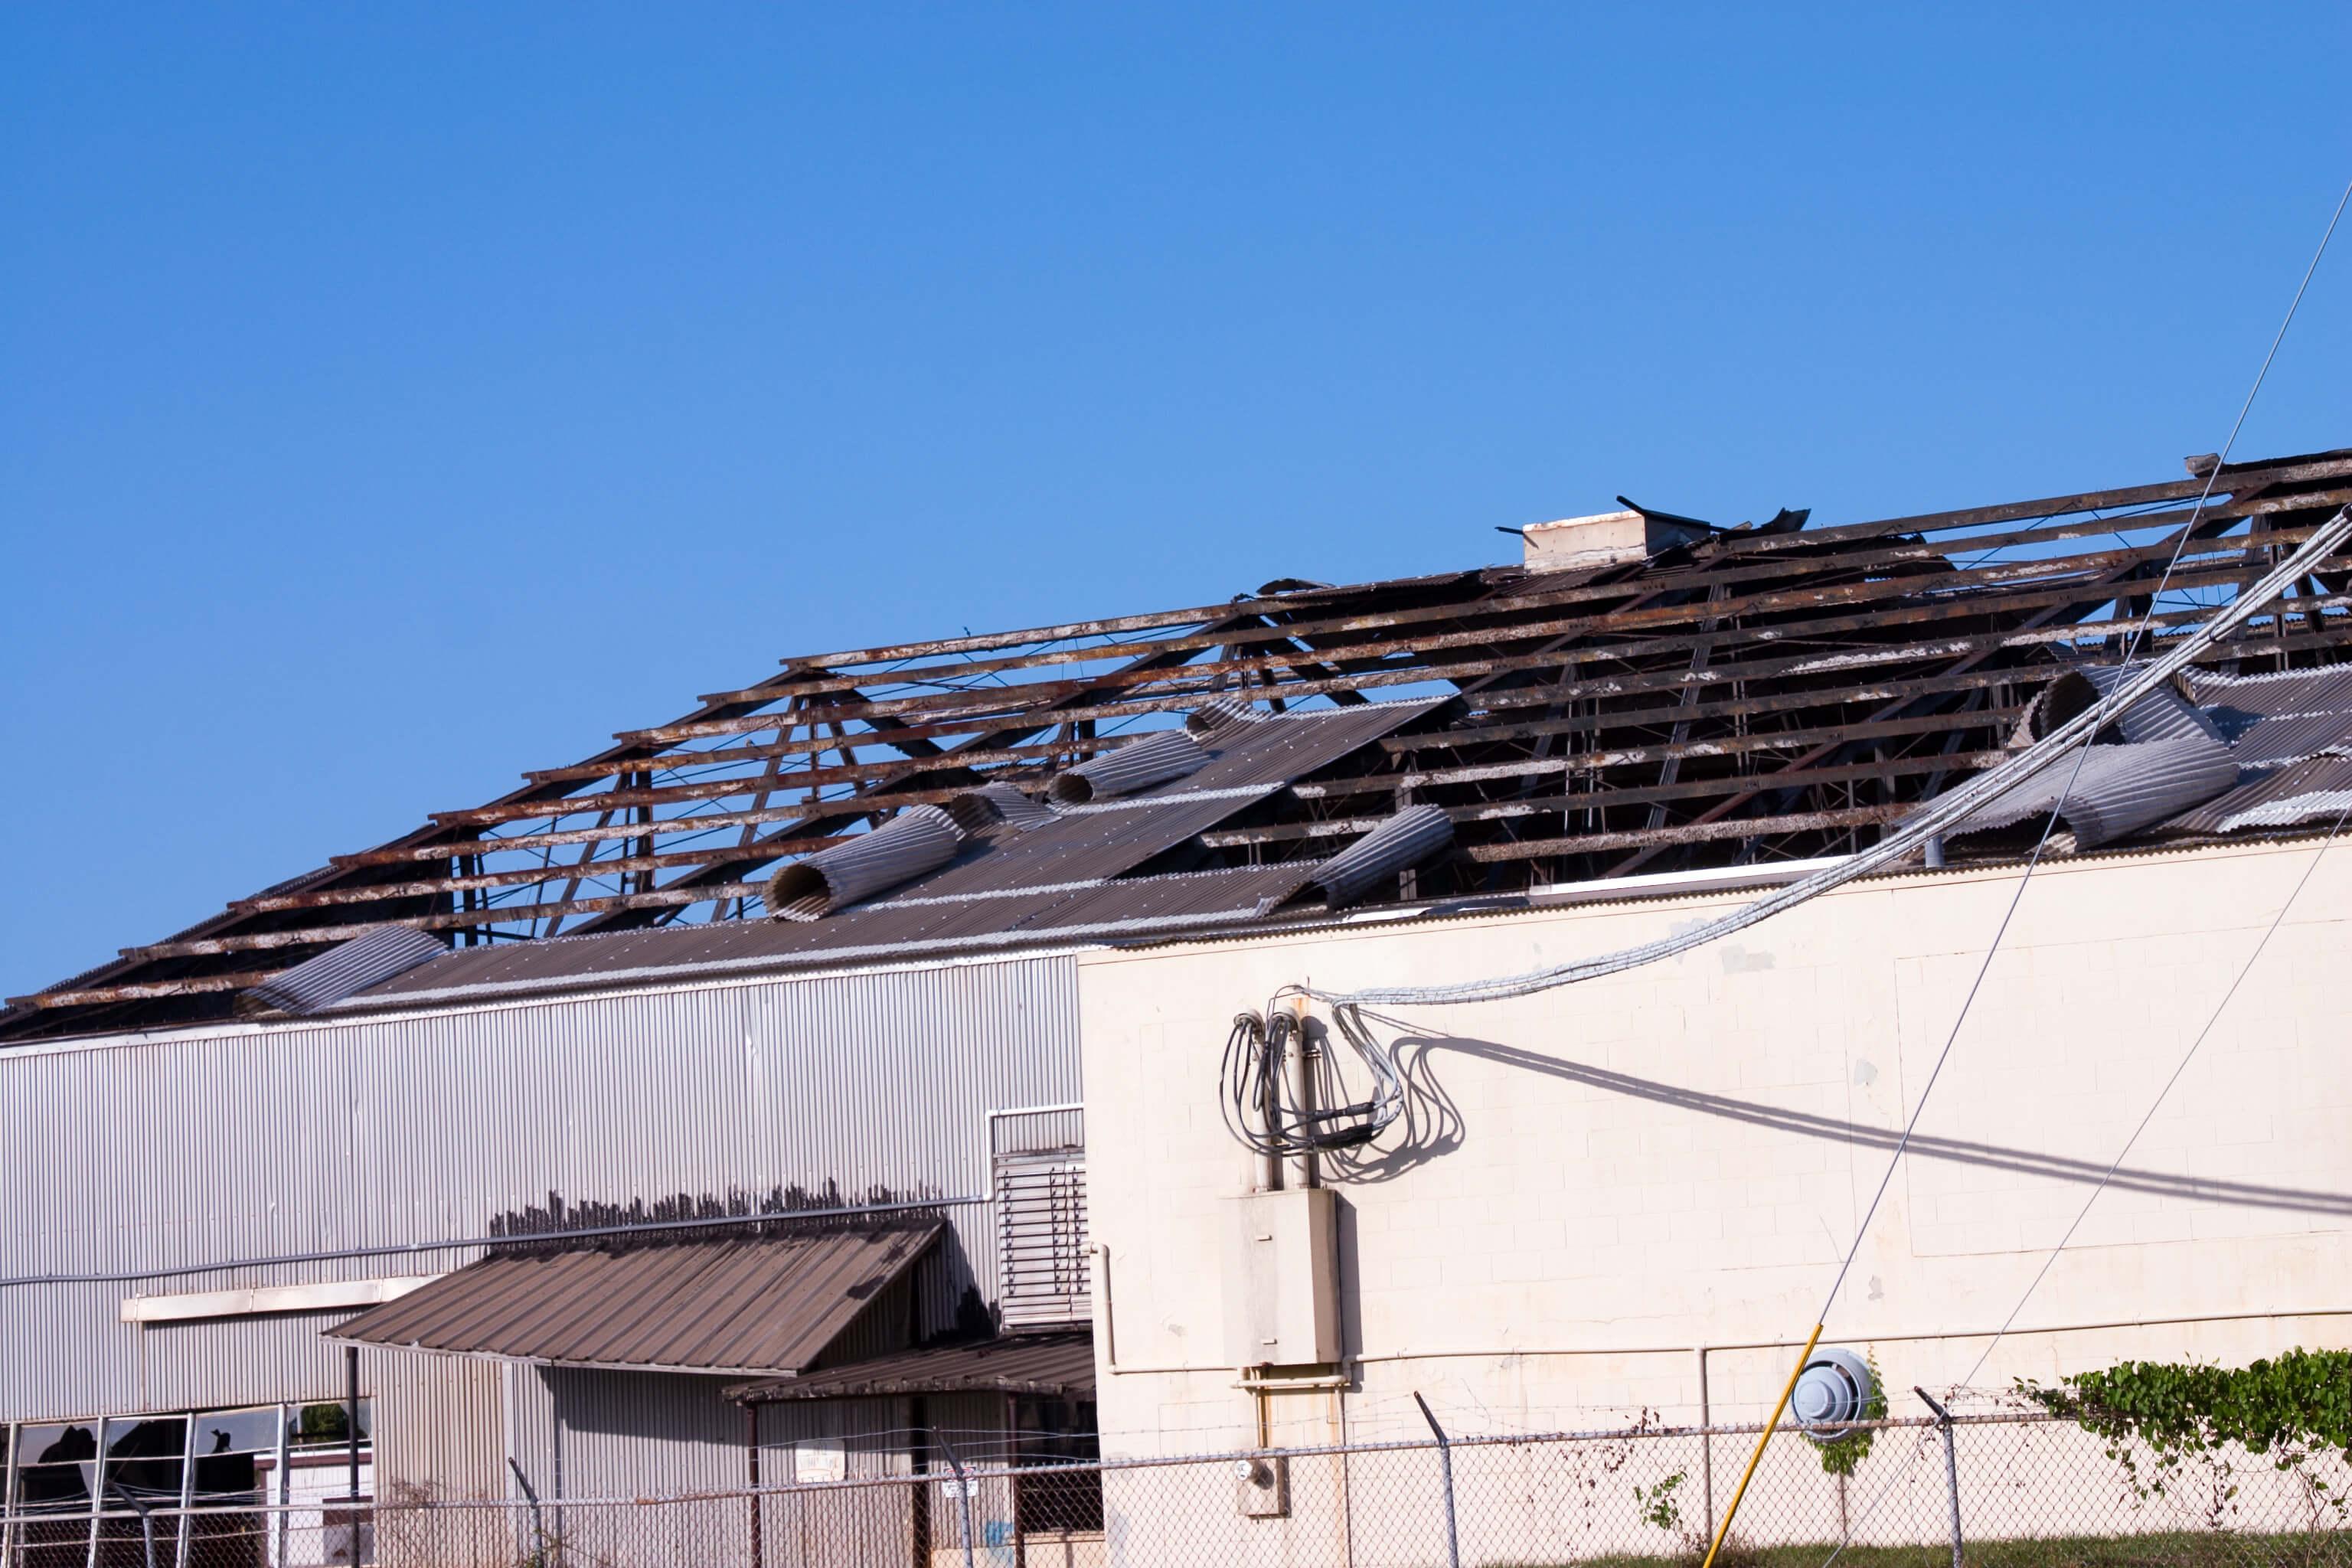 Hurricane Harvey Wind Damage Claims